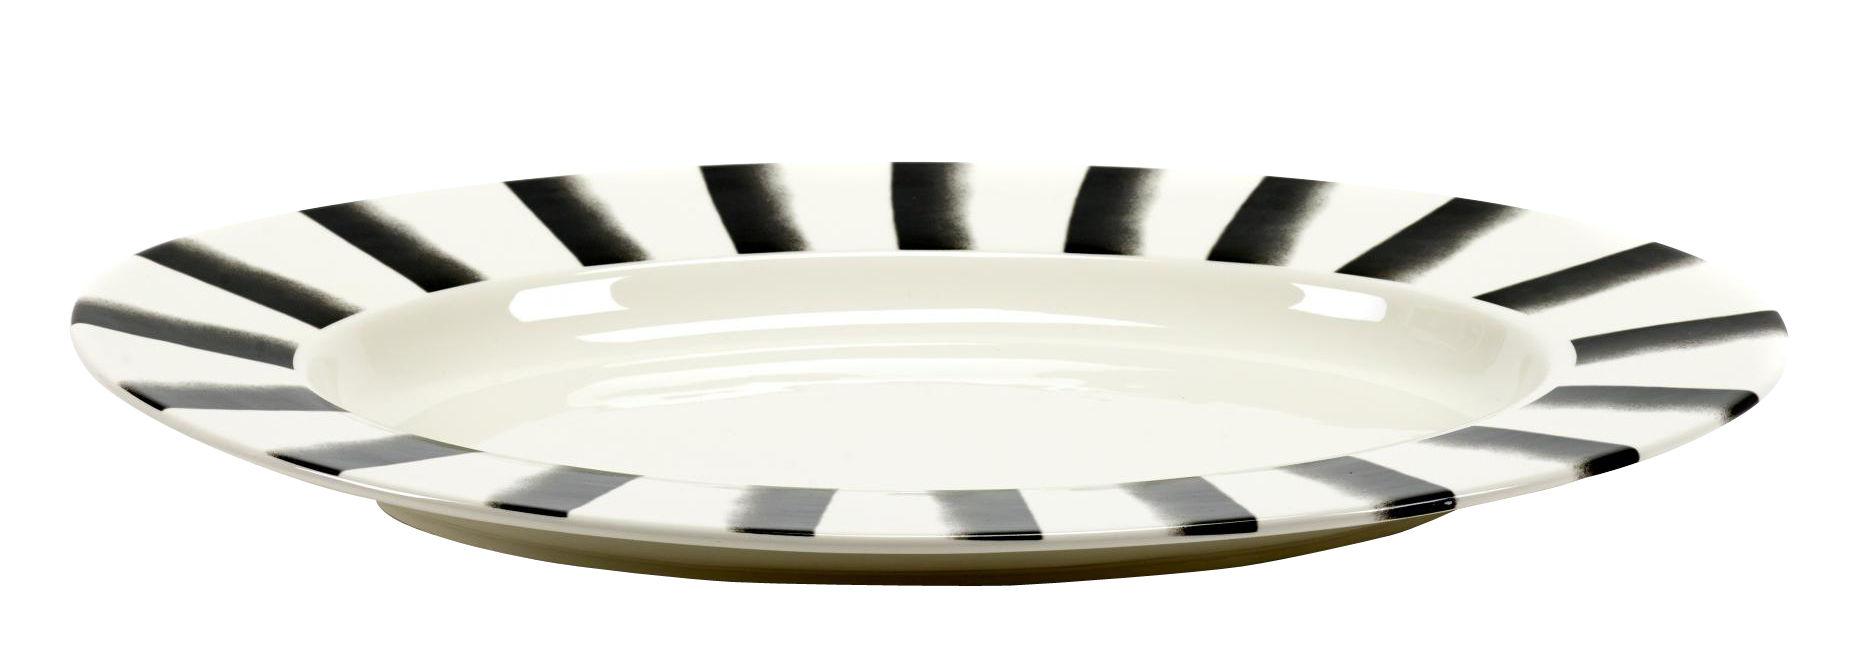 Arts de la table - Plats - Plat Pasta Pasta XL / Pour pâtes - Porcelaine - 57 x 40 cm - Serax - Noir & blanc - Porcelaine